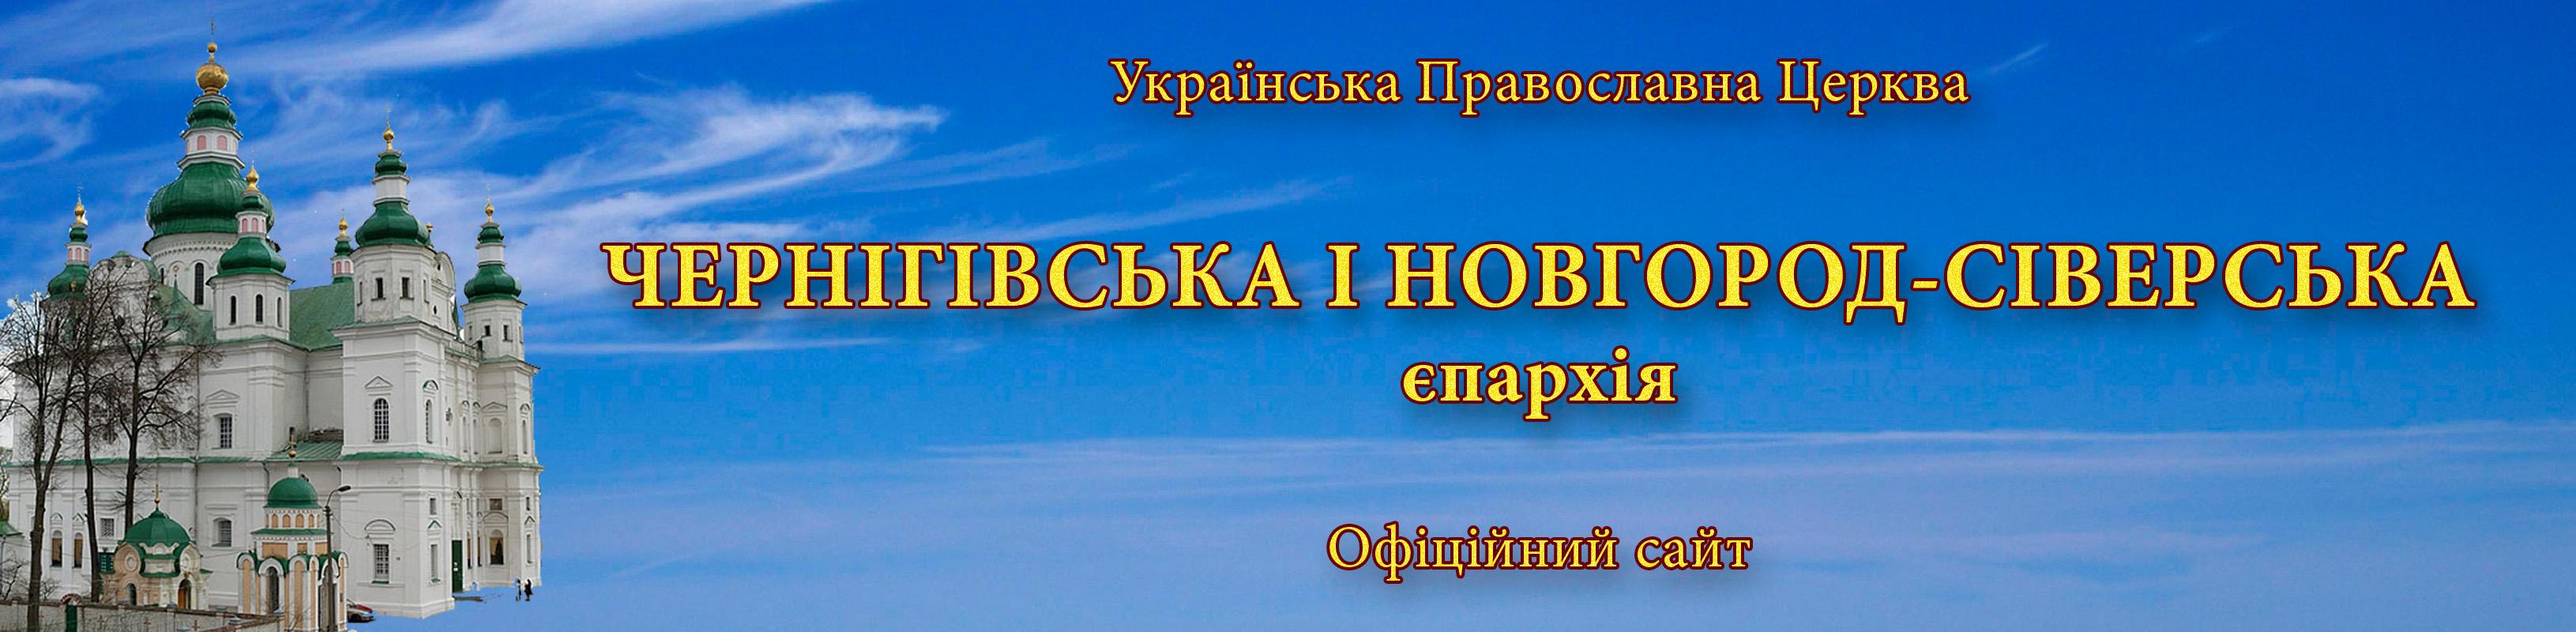 Офіційний сайт Чернігівської єпархії